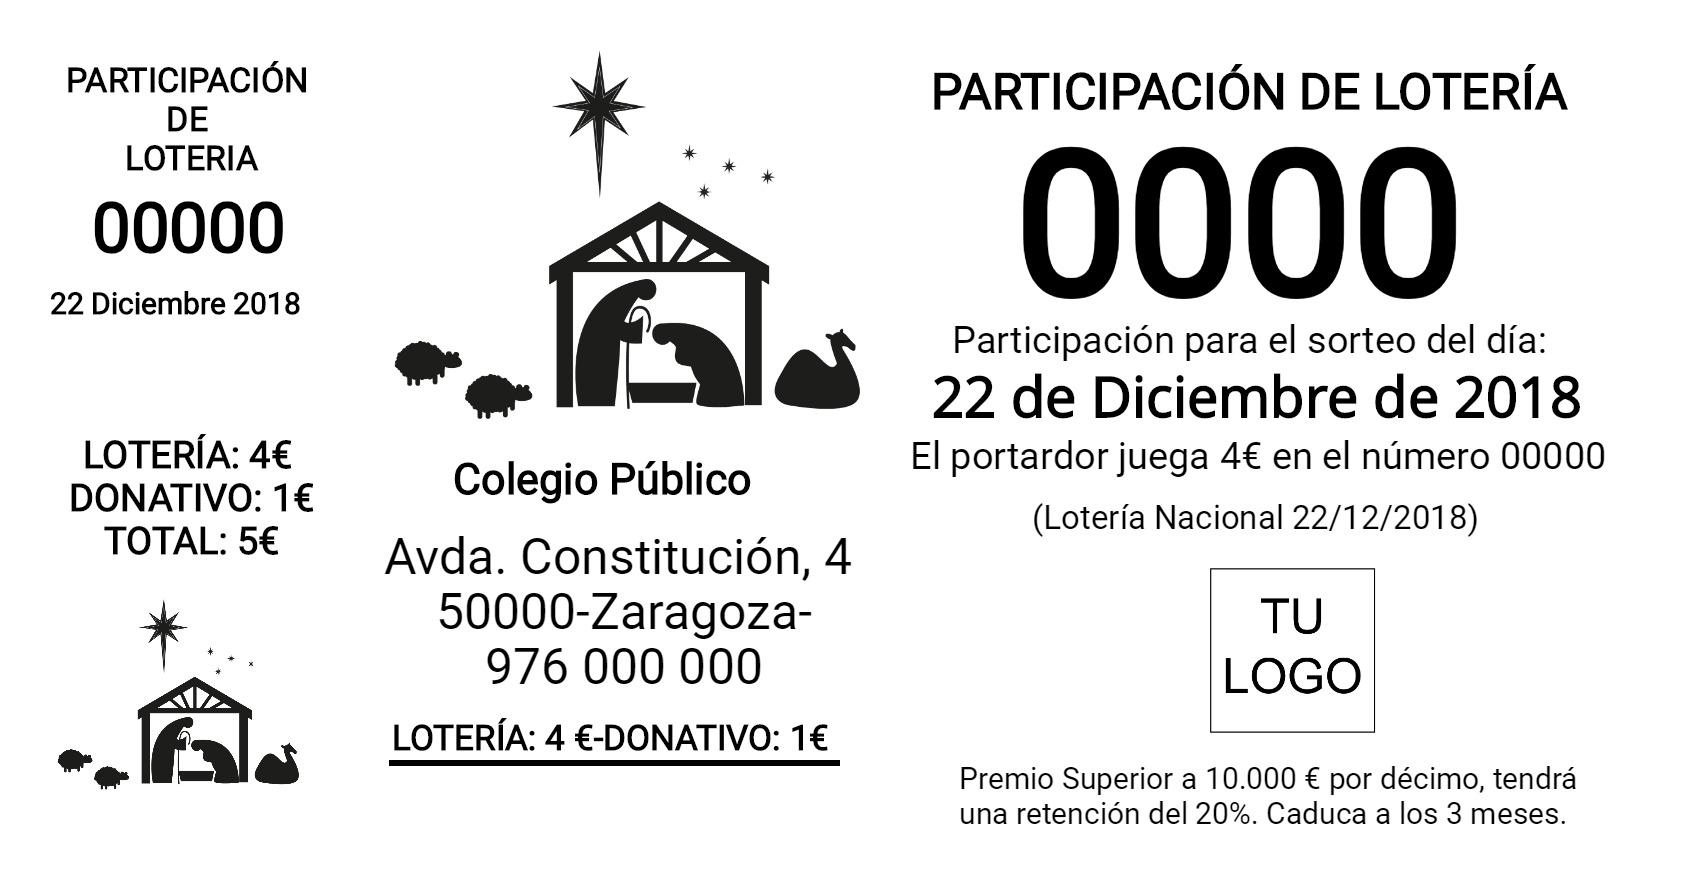 Participación de lotería 14x7